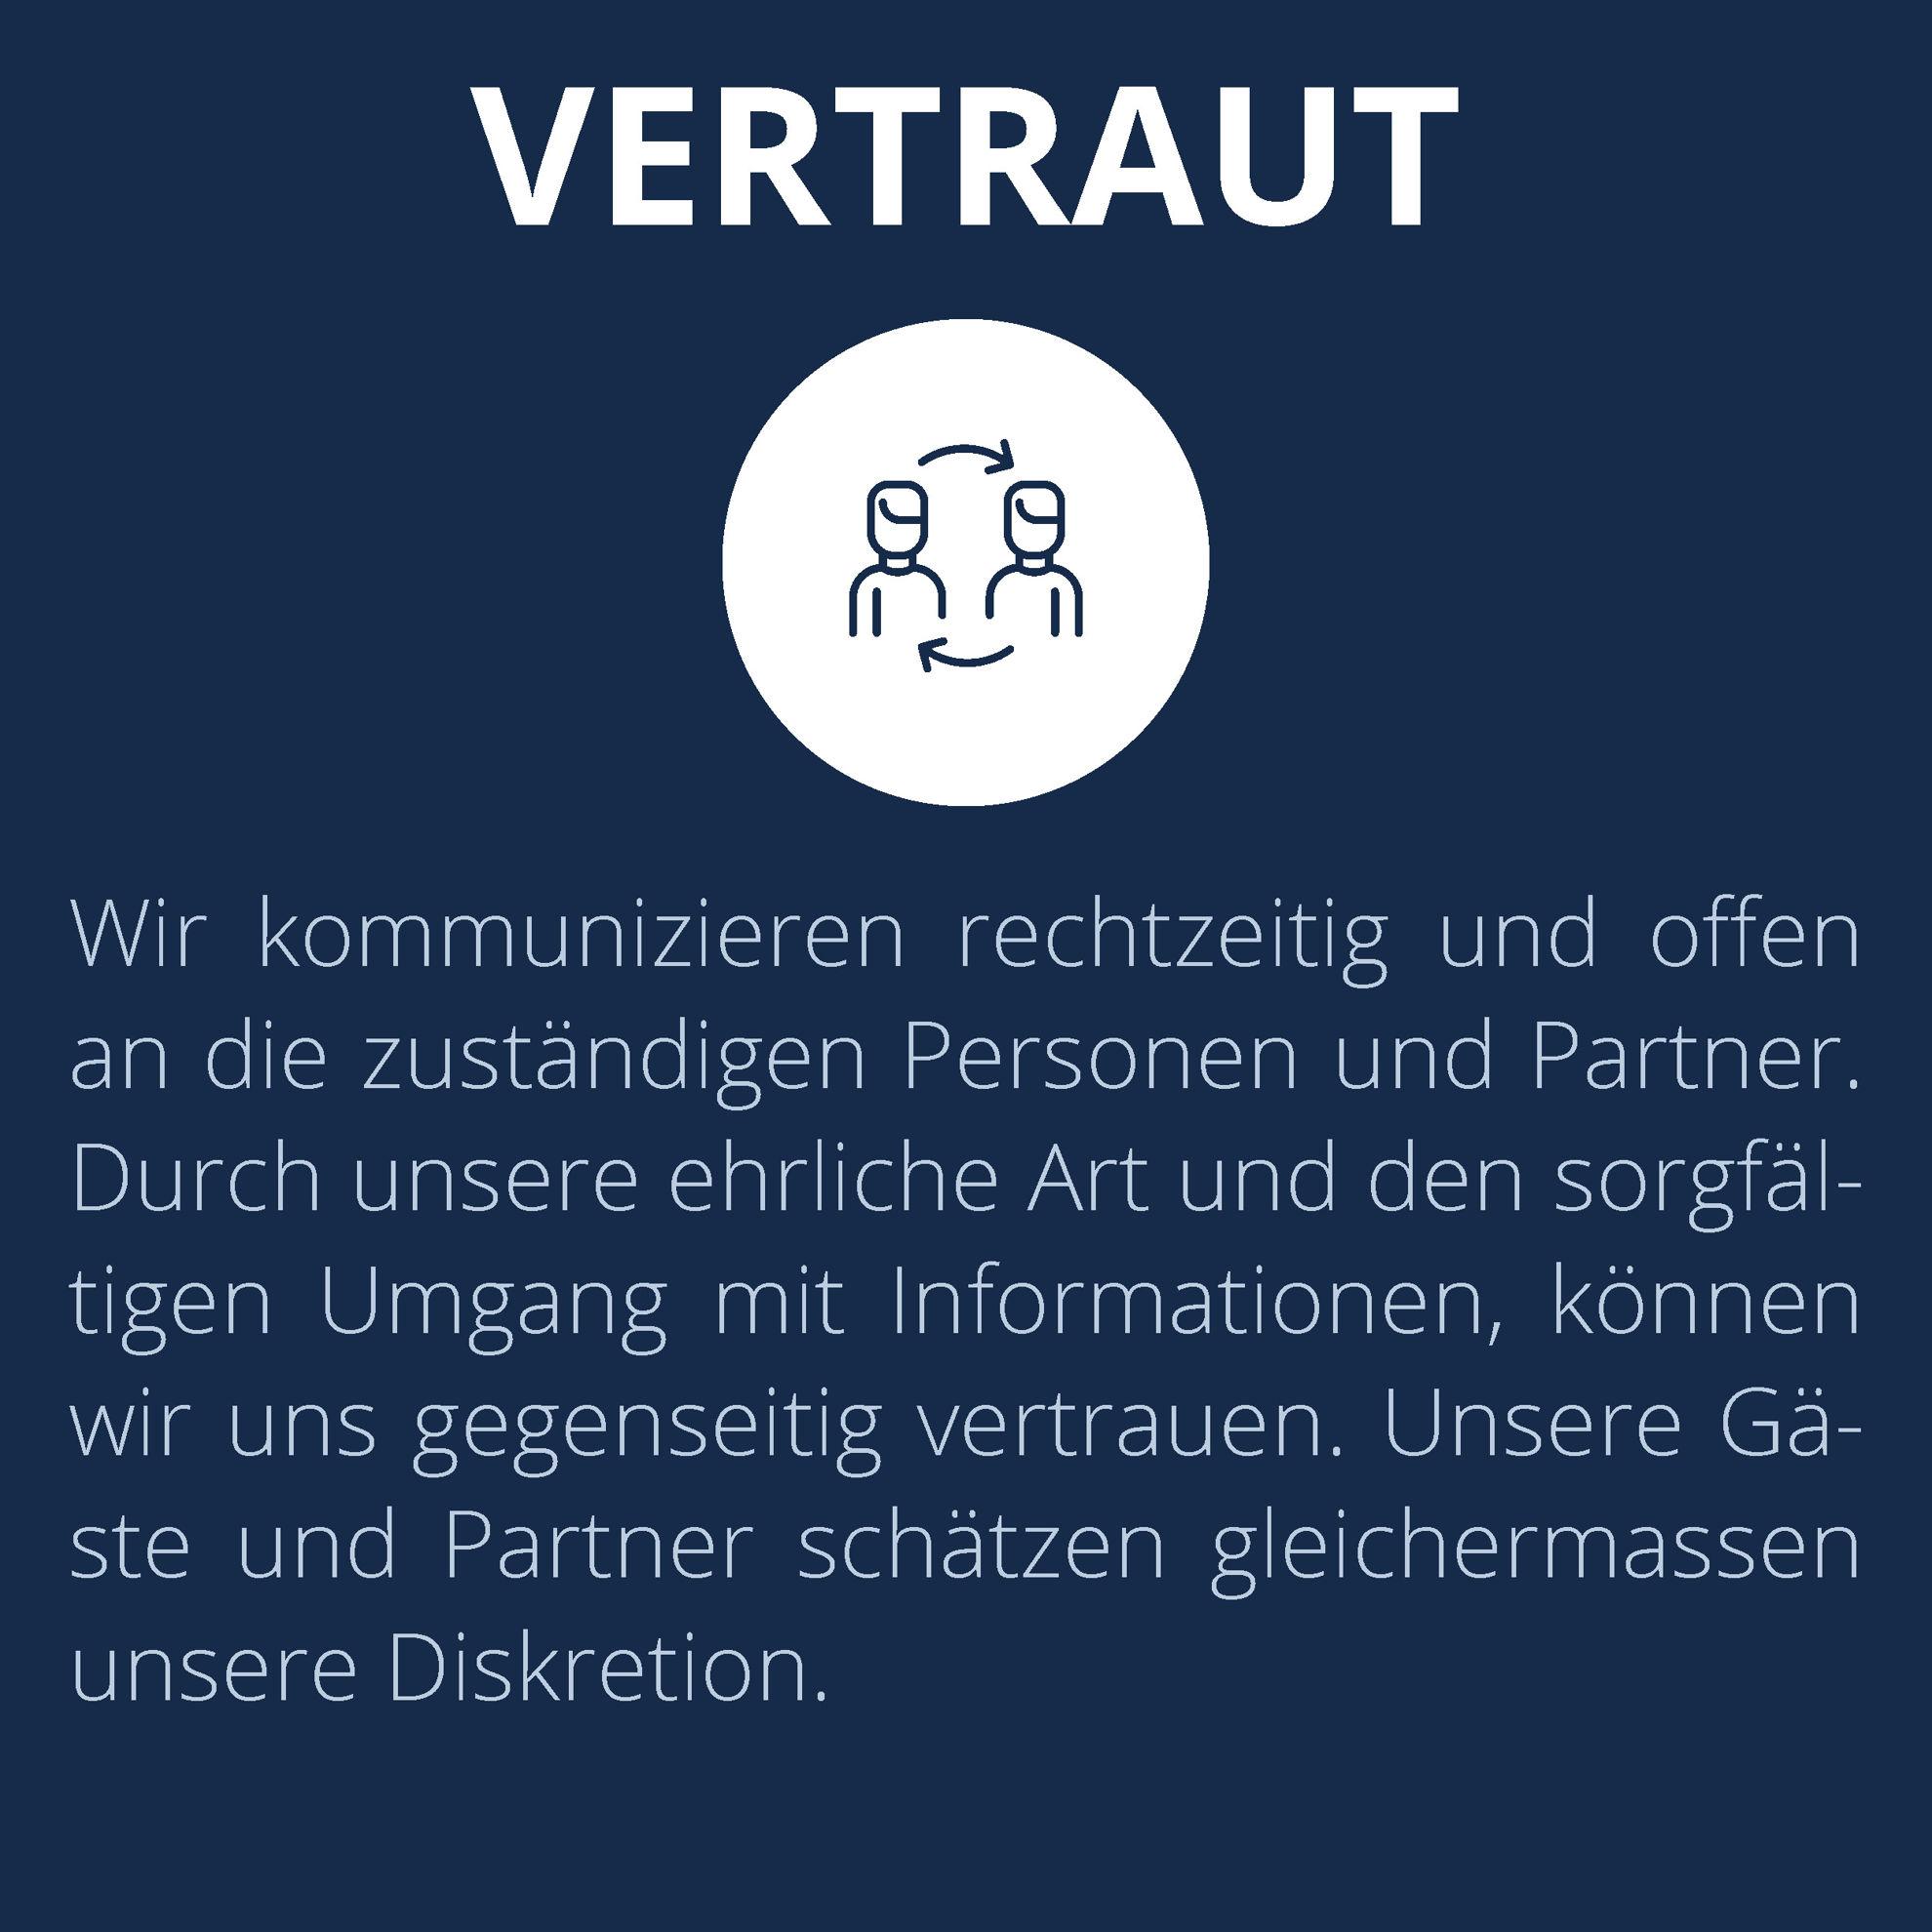 Wert_Vertraut